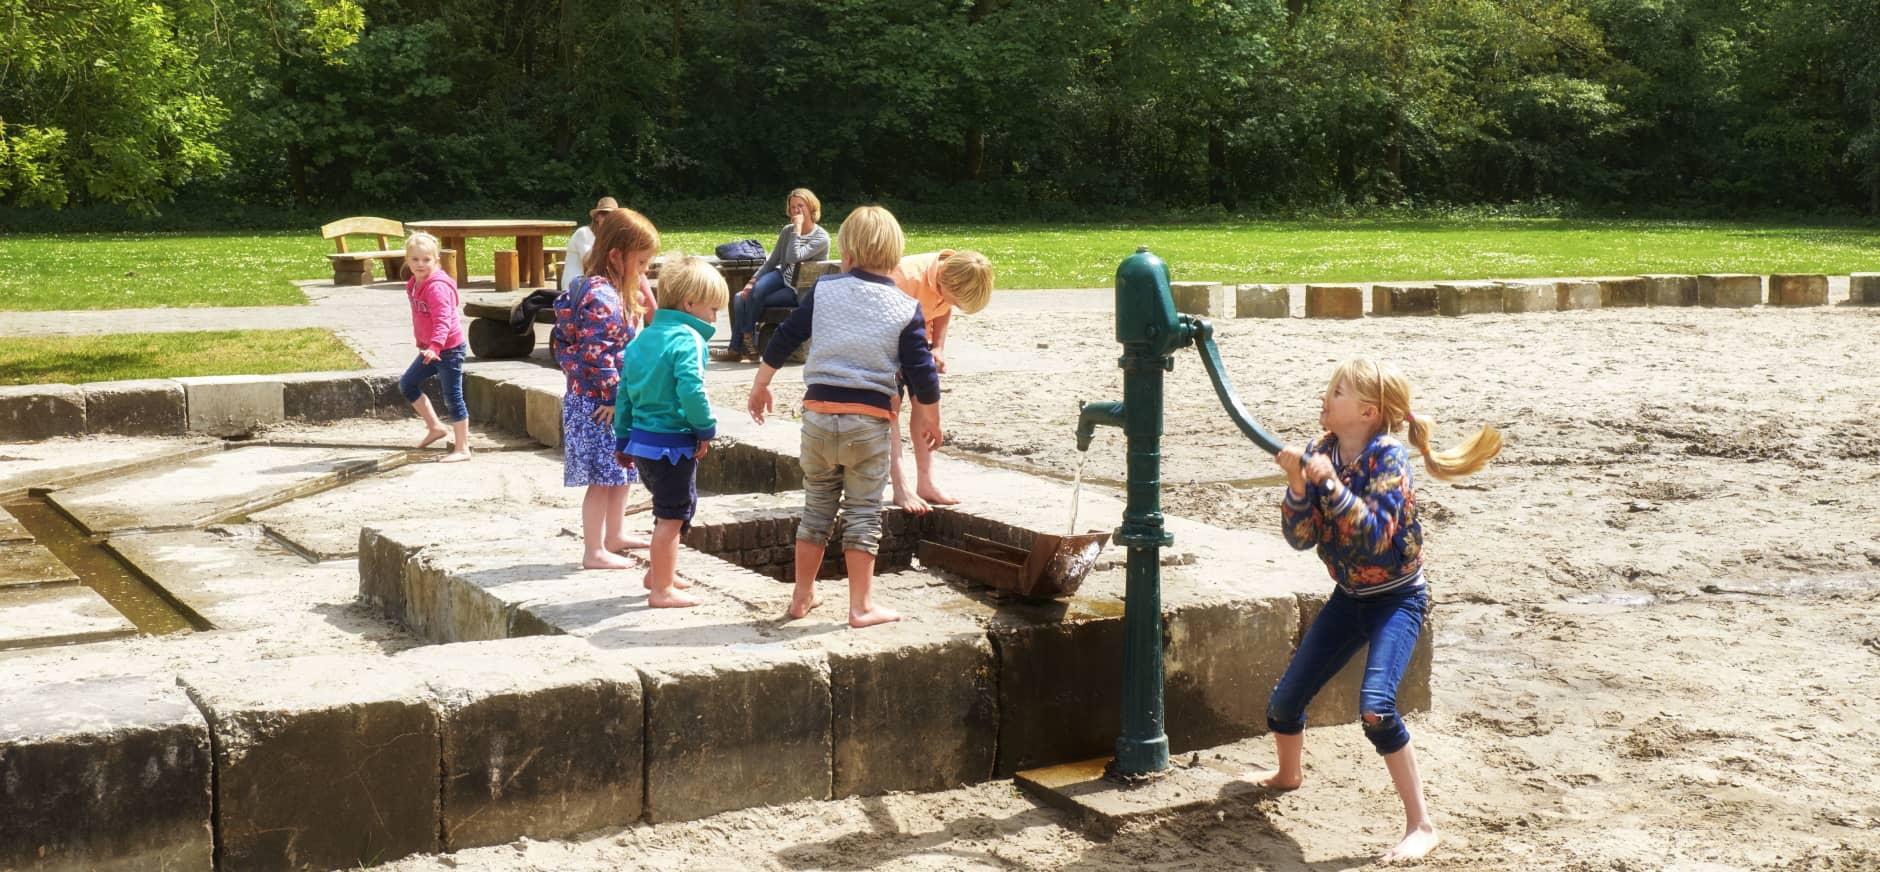 Kinderen spelen bij Waterspeelplek Waterloopbos